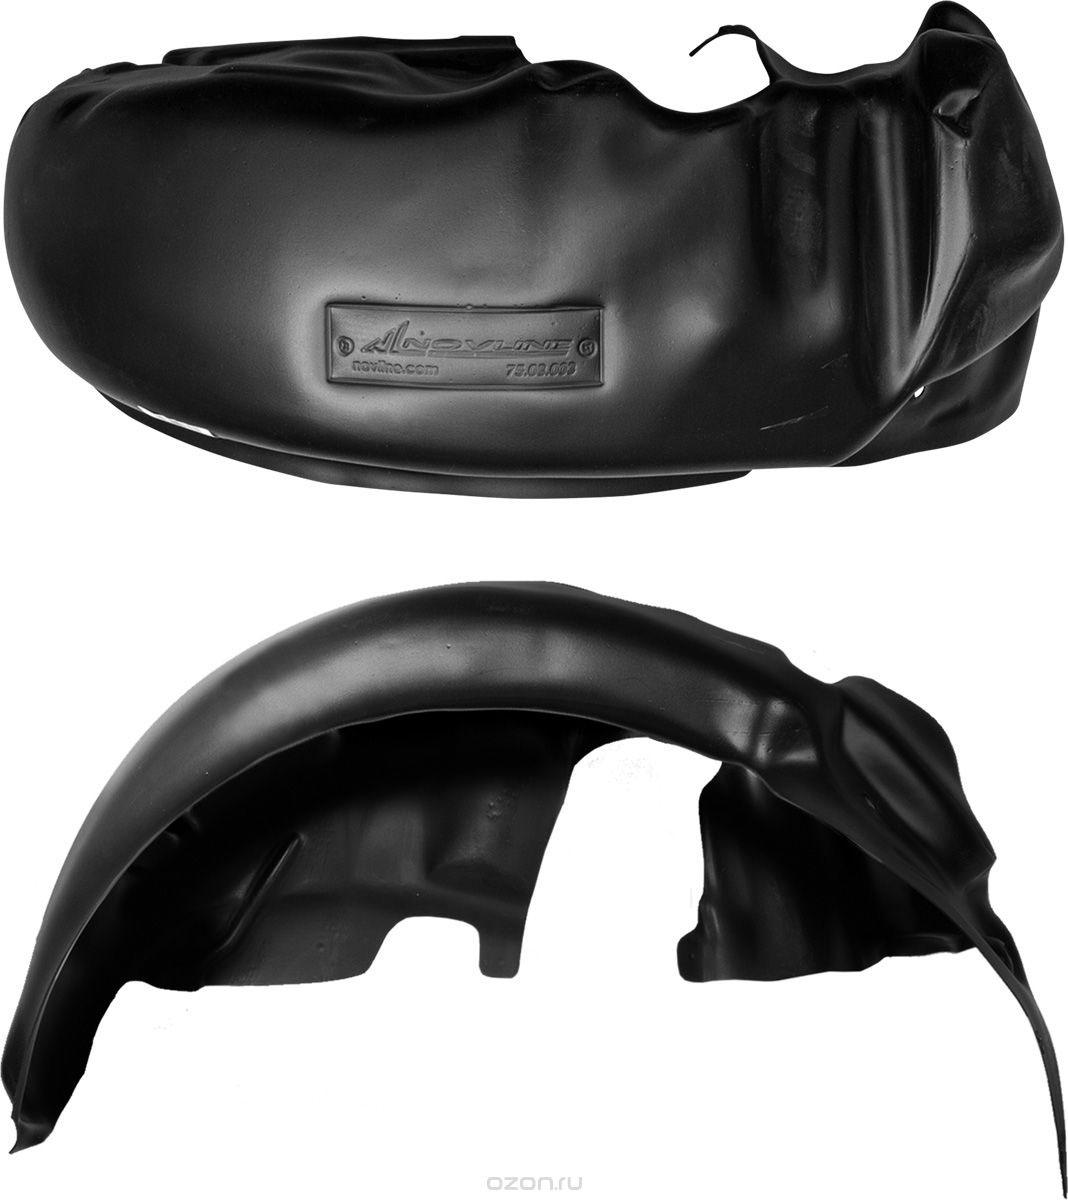 Подкрылок Novline-Autofamily, для FORD Focus III, 04/2011-2015, 2015-> сед., хб., задний правыйNLL.16.32.004Идеальная защита колесной ниши. Локеры разработаны с применением цифровых технологий, гарантируют максимальную повторяемость поверхности арки. Изделия устанавливаются без нарушения лакокрасочного покрытия автомобиля, каждый подкрылок комплектуется крепежом. Уважаемые клиенты, обращаем ваше внимание, что фотографии на подкрылки универсальные и не отражают реальную форму изделия. При этом само изделие идет точно под размер указанного автомобиля.